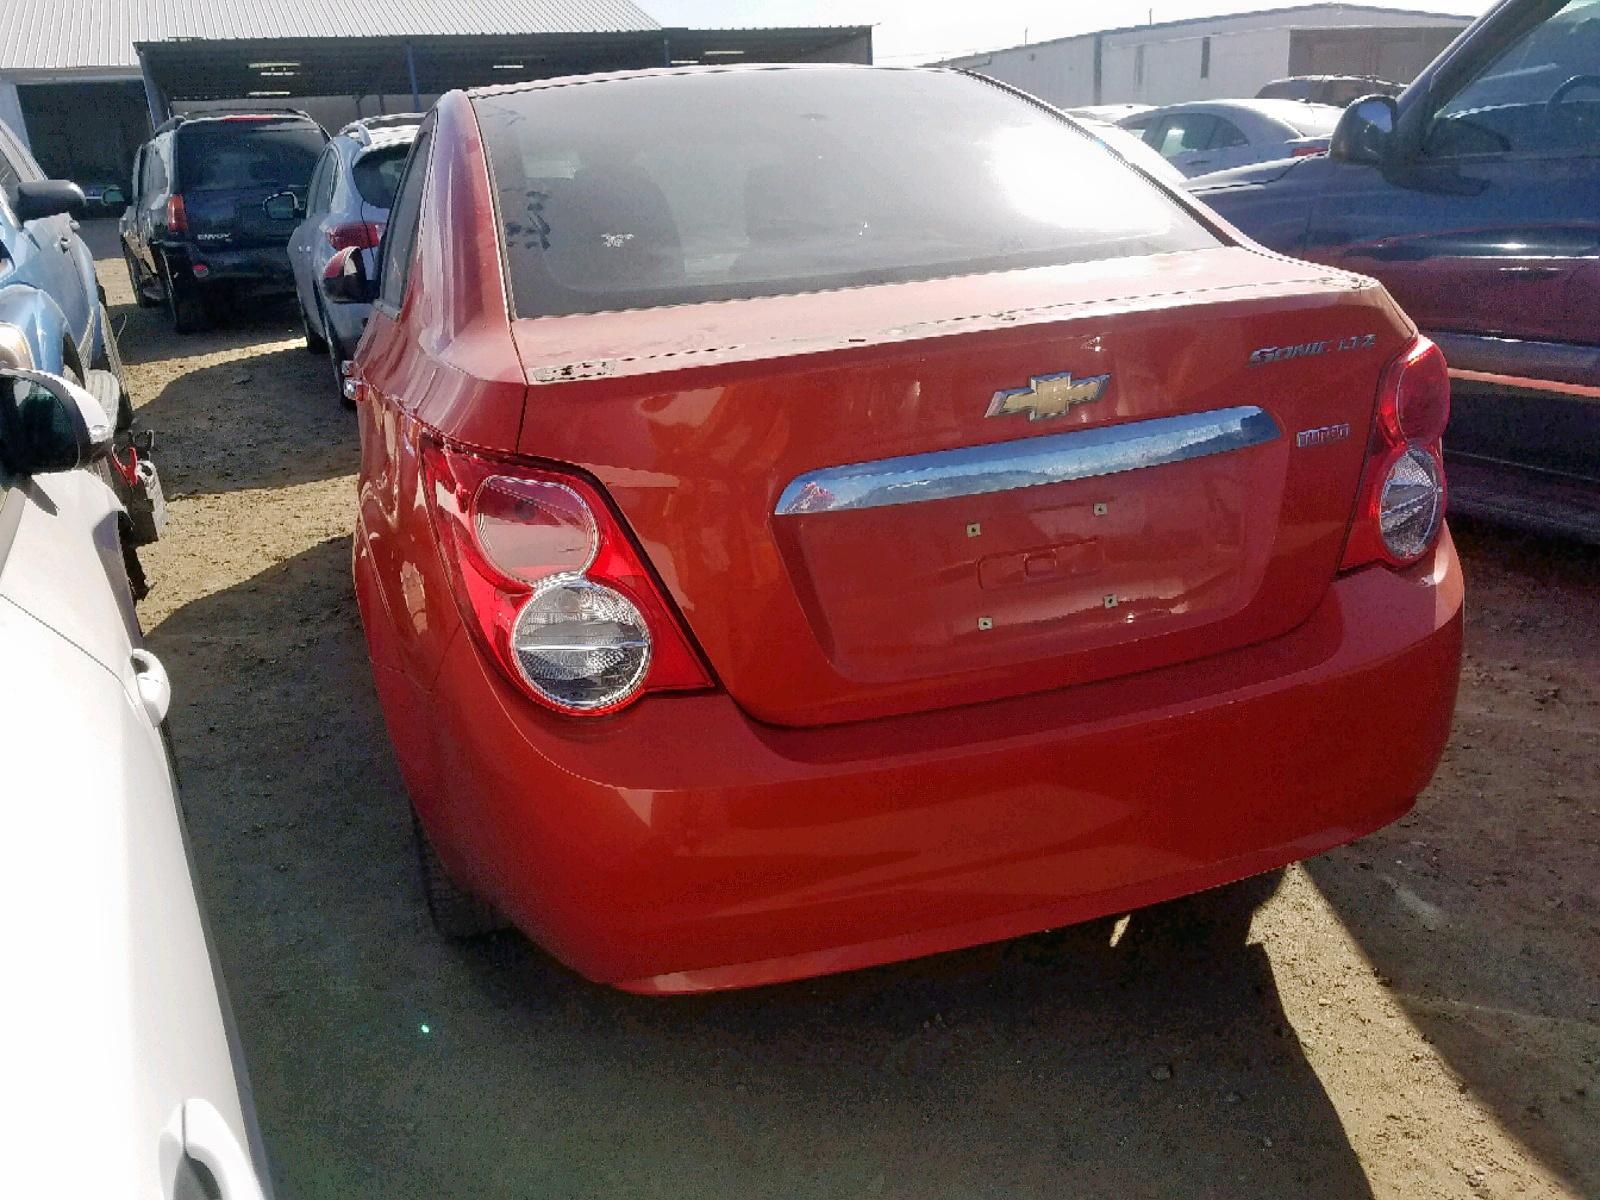 1G1JE5SB5D4141137 - 2013 Chevrolet Sonic Ltz 1.4L [Angle] View